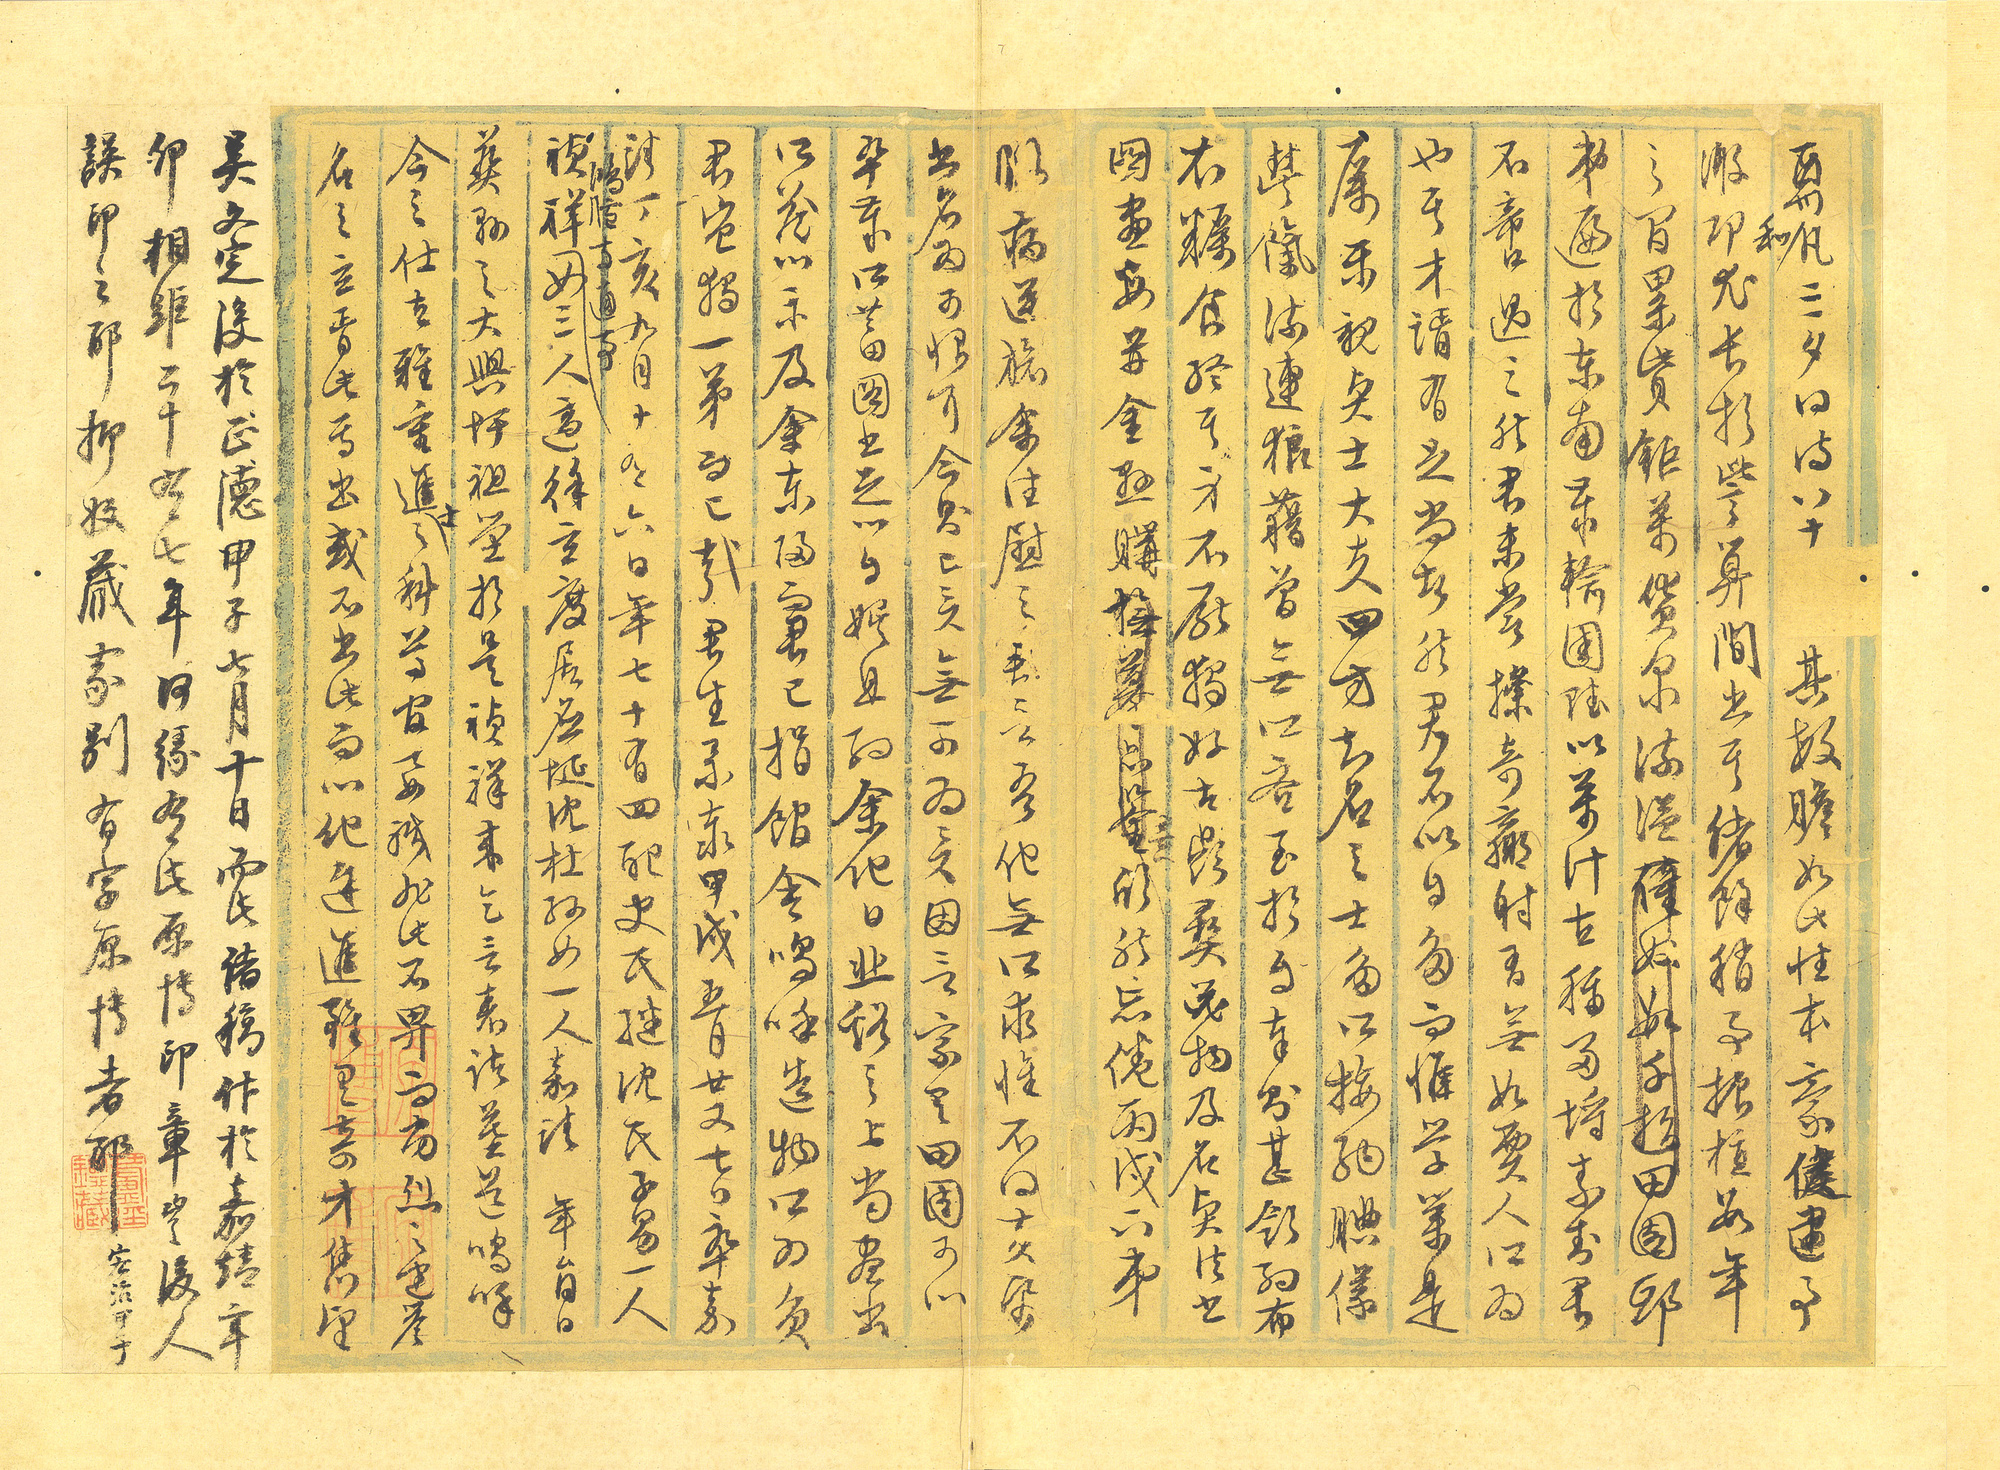 文徵明  《行草墨稿北京故宫》书法在线欣赏